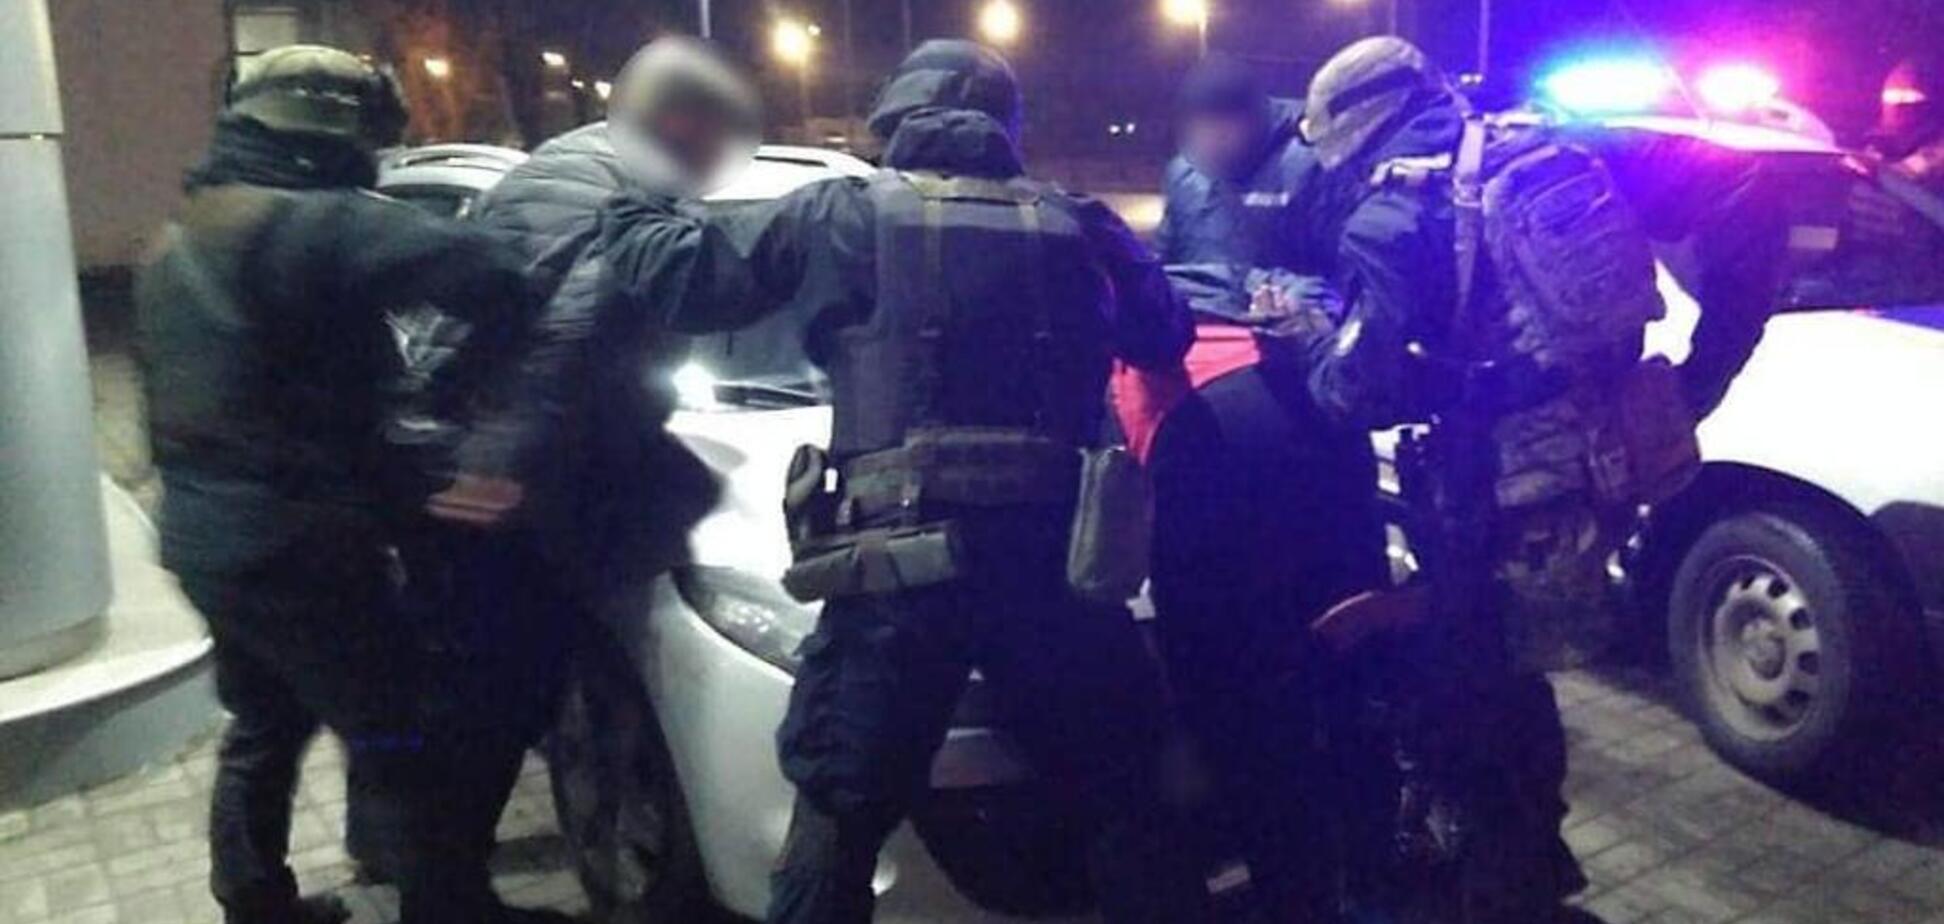 Злоумышленники угрожали оружием . Источник: ch.npu.gov.ua